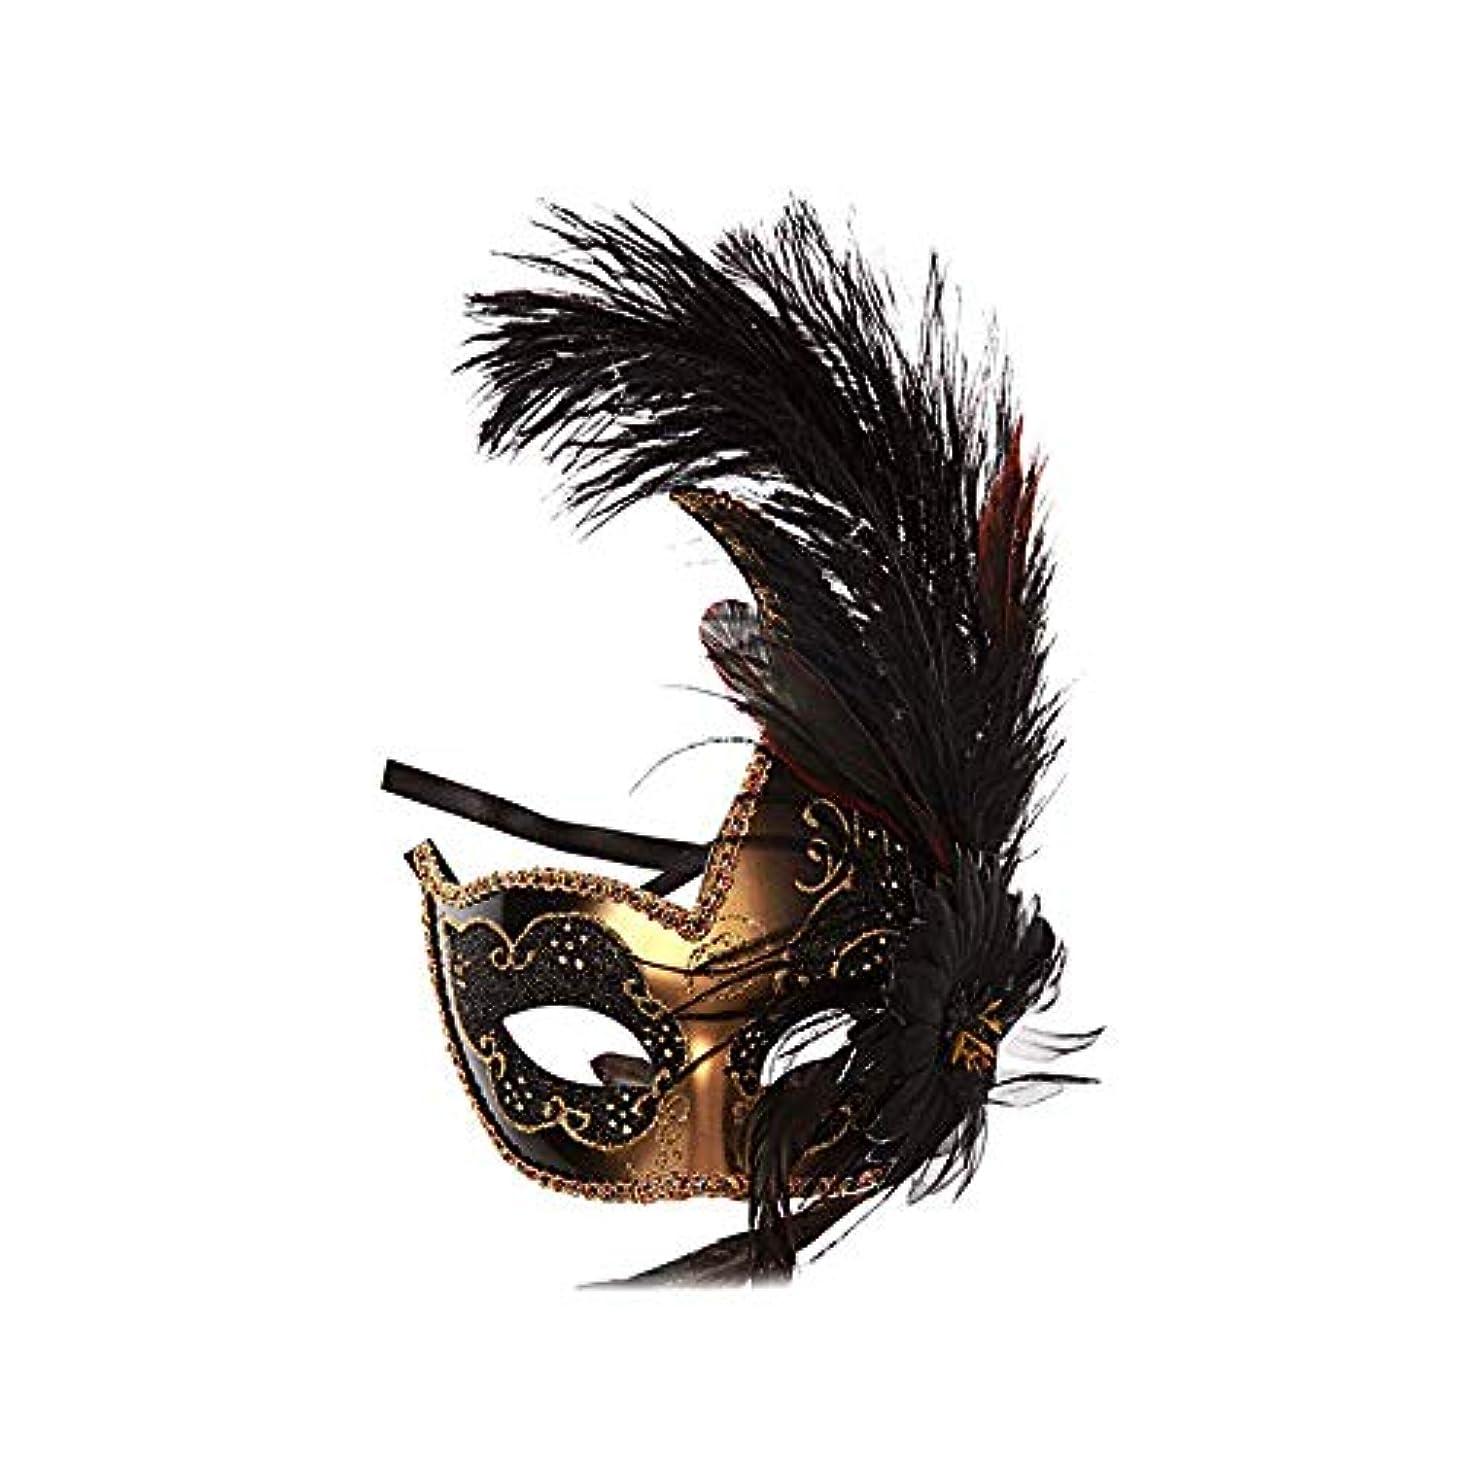 モック判決ディスパッチNanle ハロウィンマスクハーフフェザーマスクベニスプリンセスマスク美容レース仮面ライダーコスプレ (色 : Style B black)